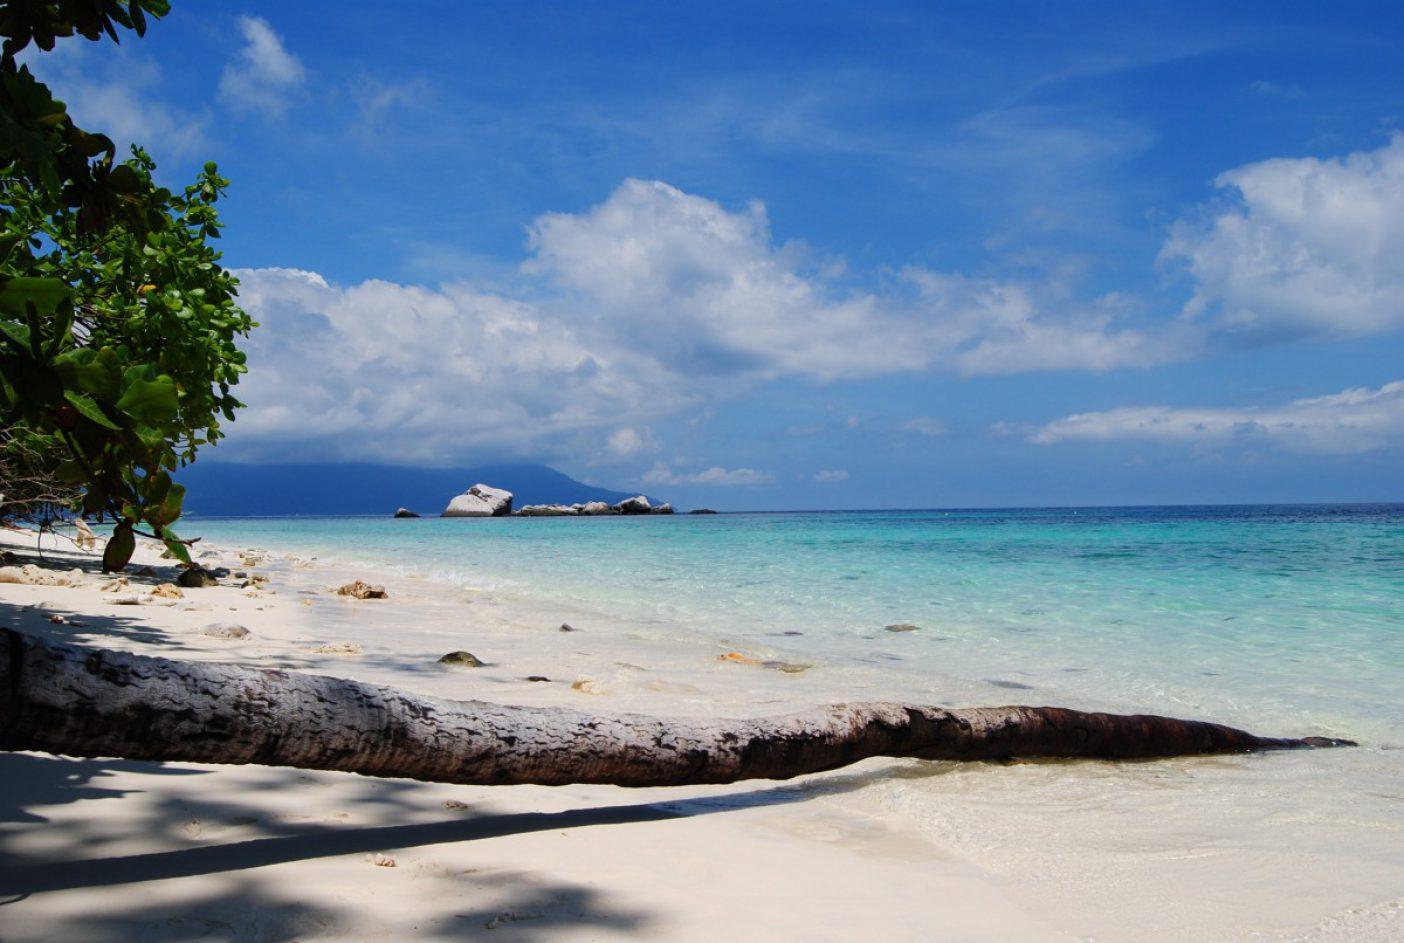 Viaggi di nozze in malesia viaggiamente for Luogo di nozze con cabine